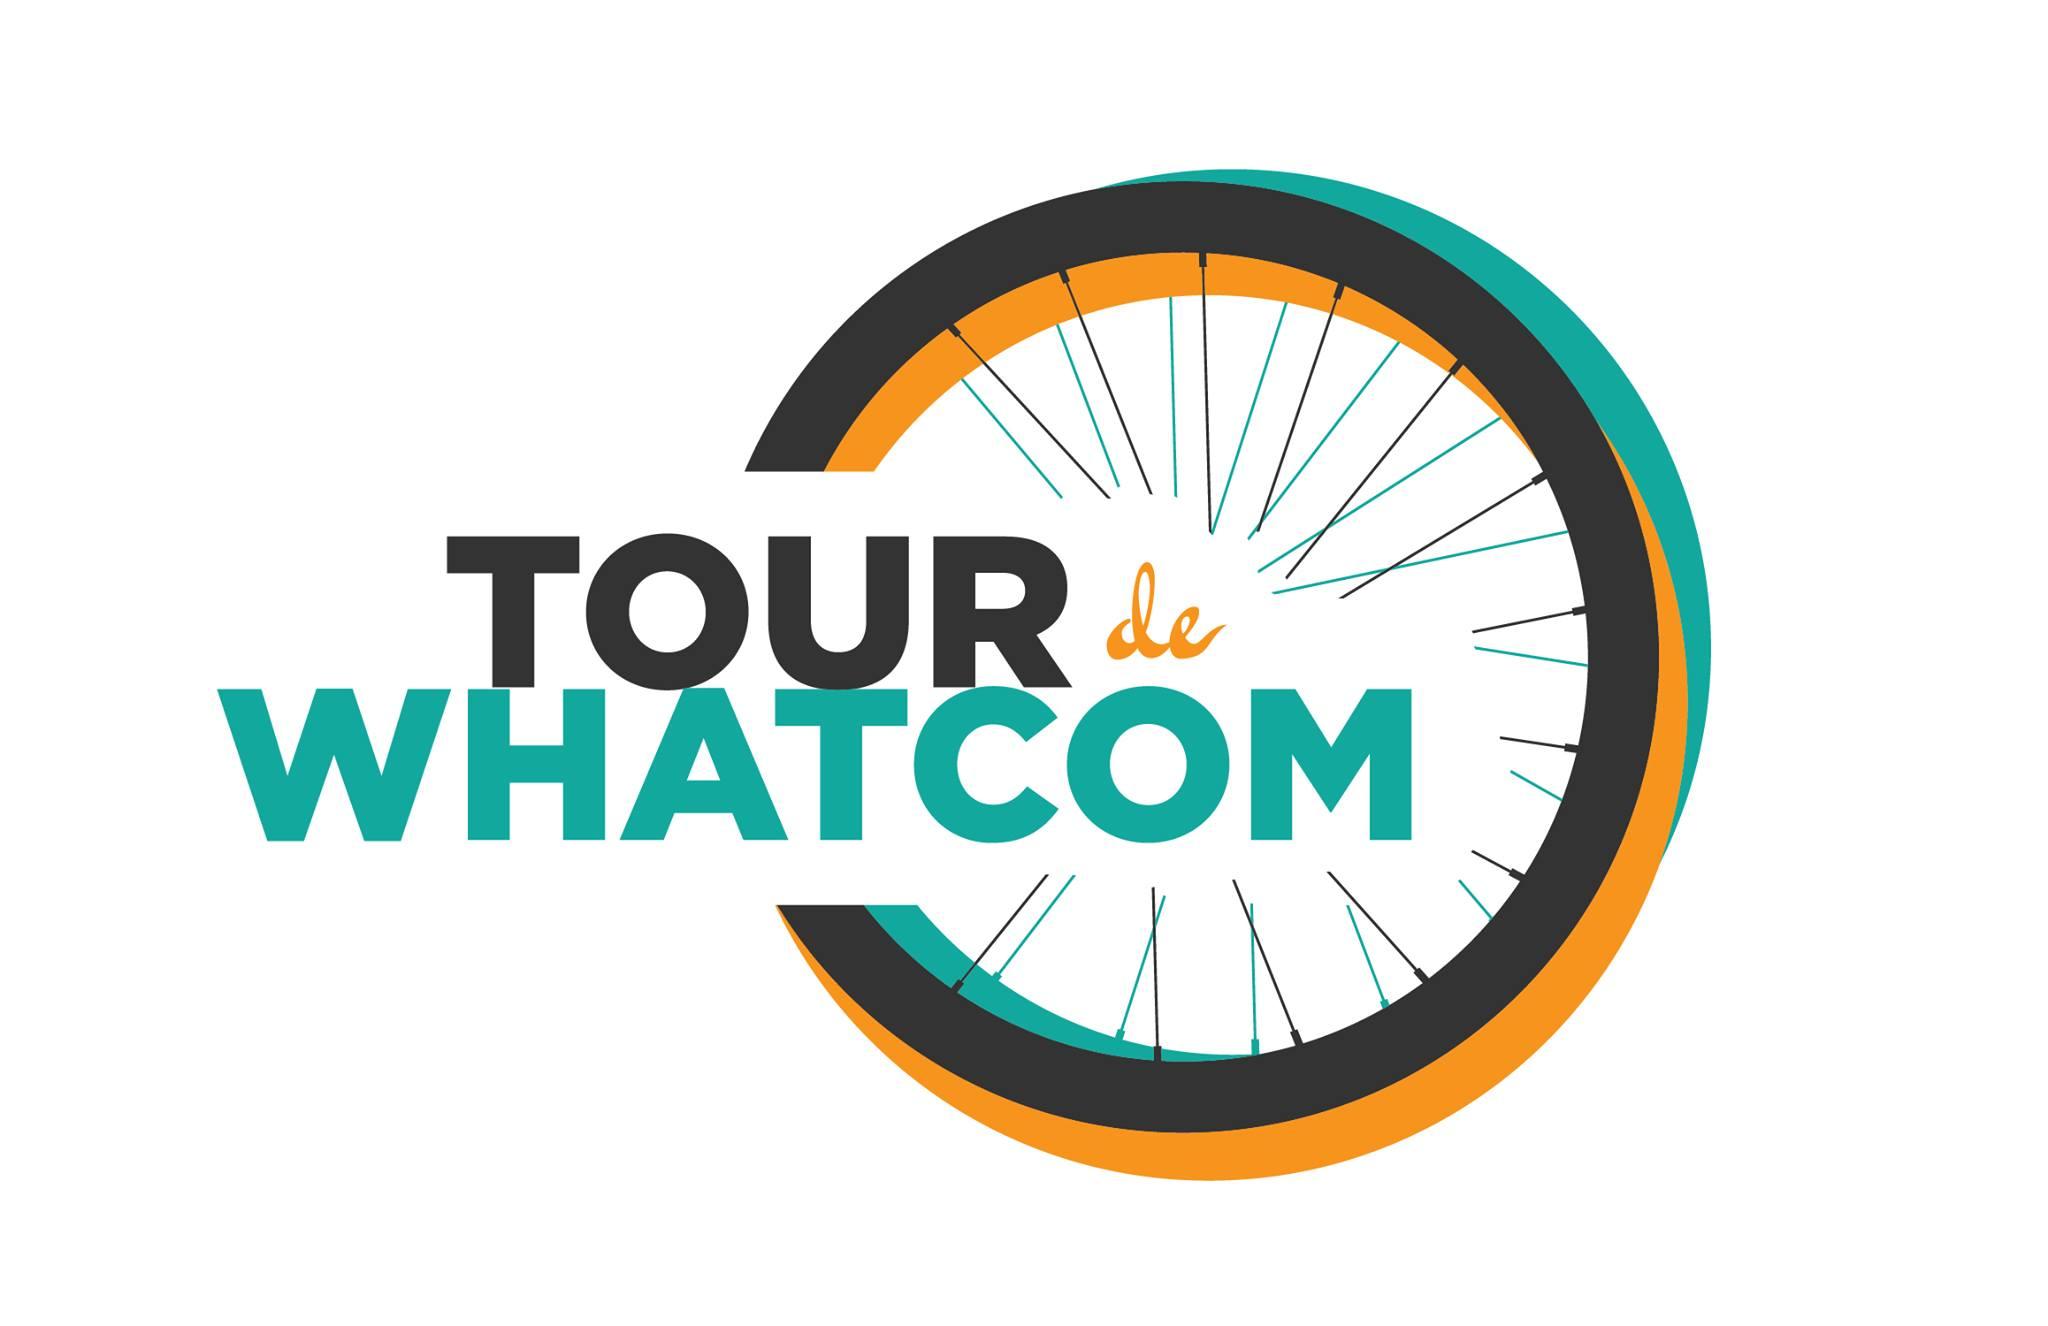 tour de whatcom logo